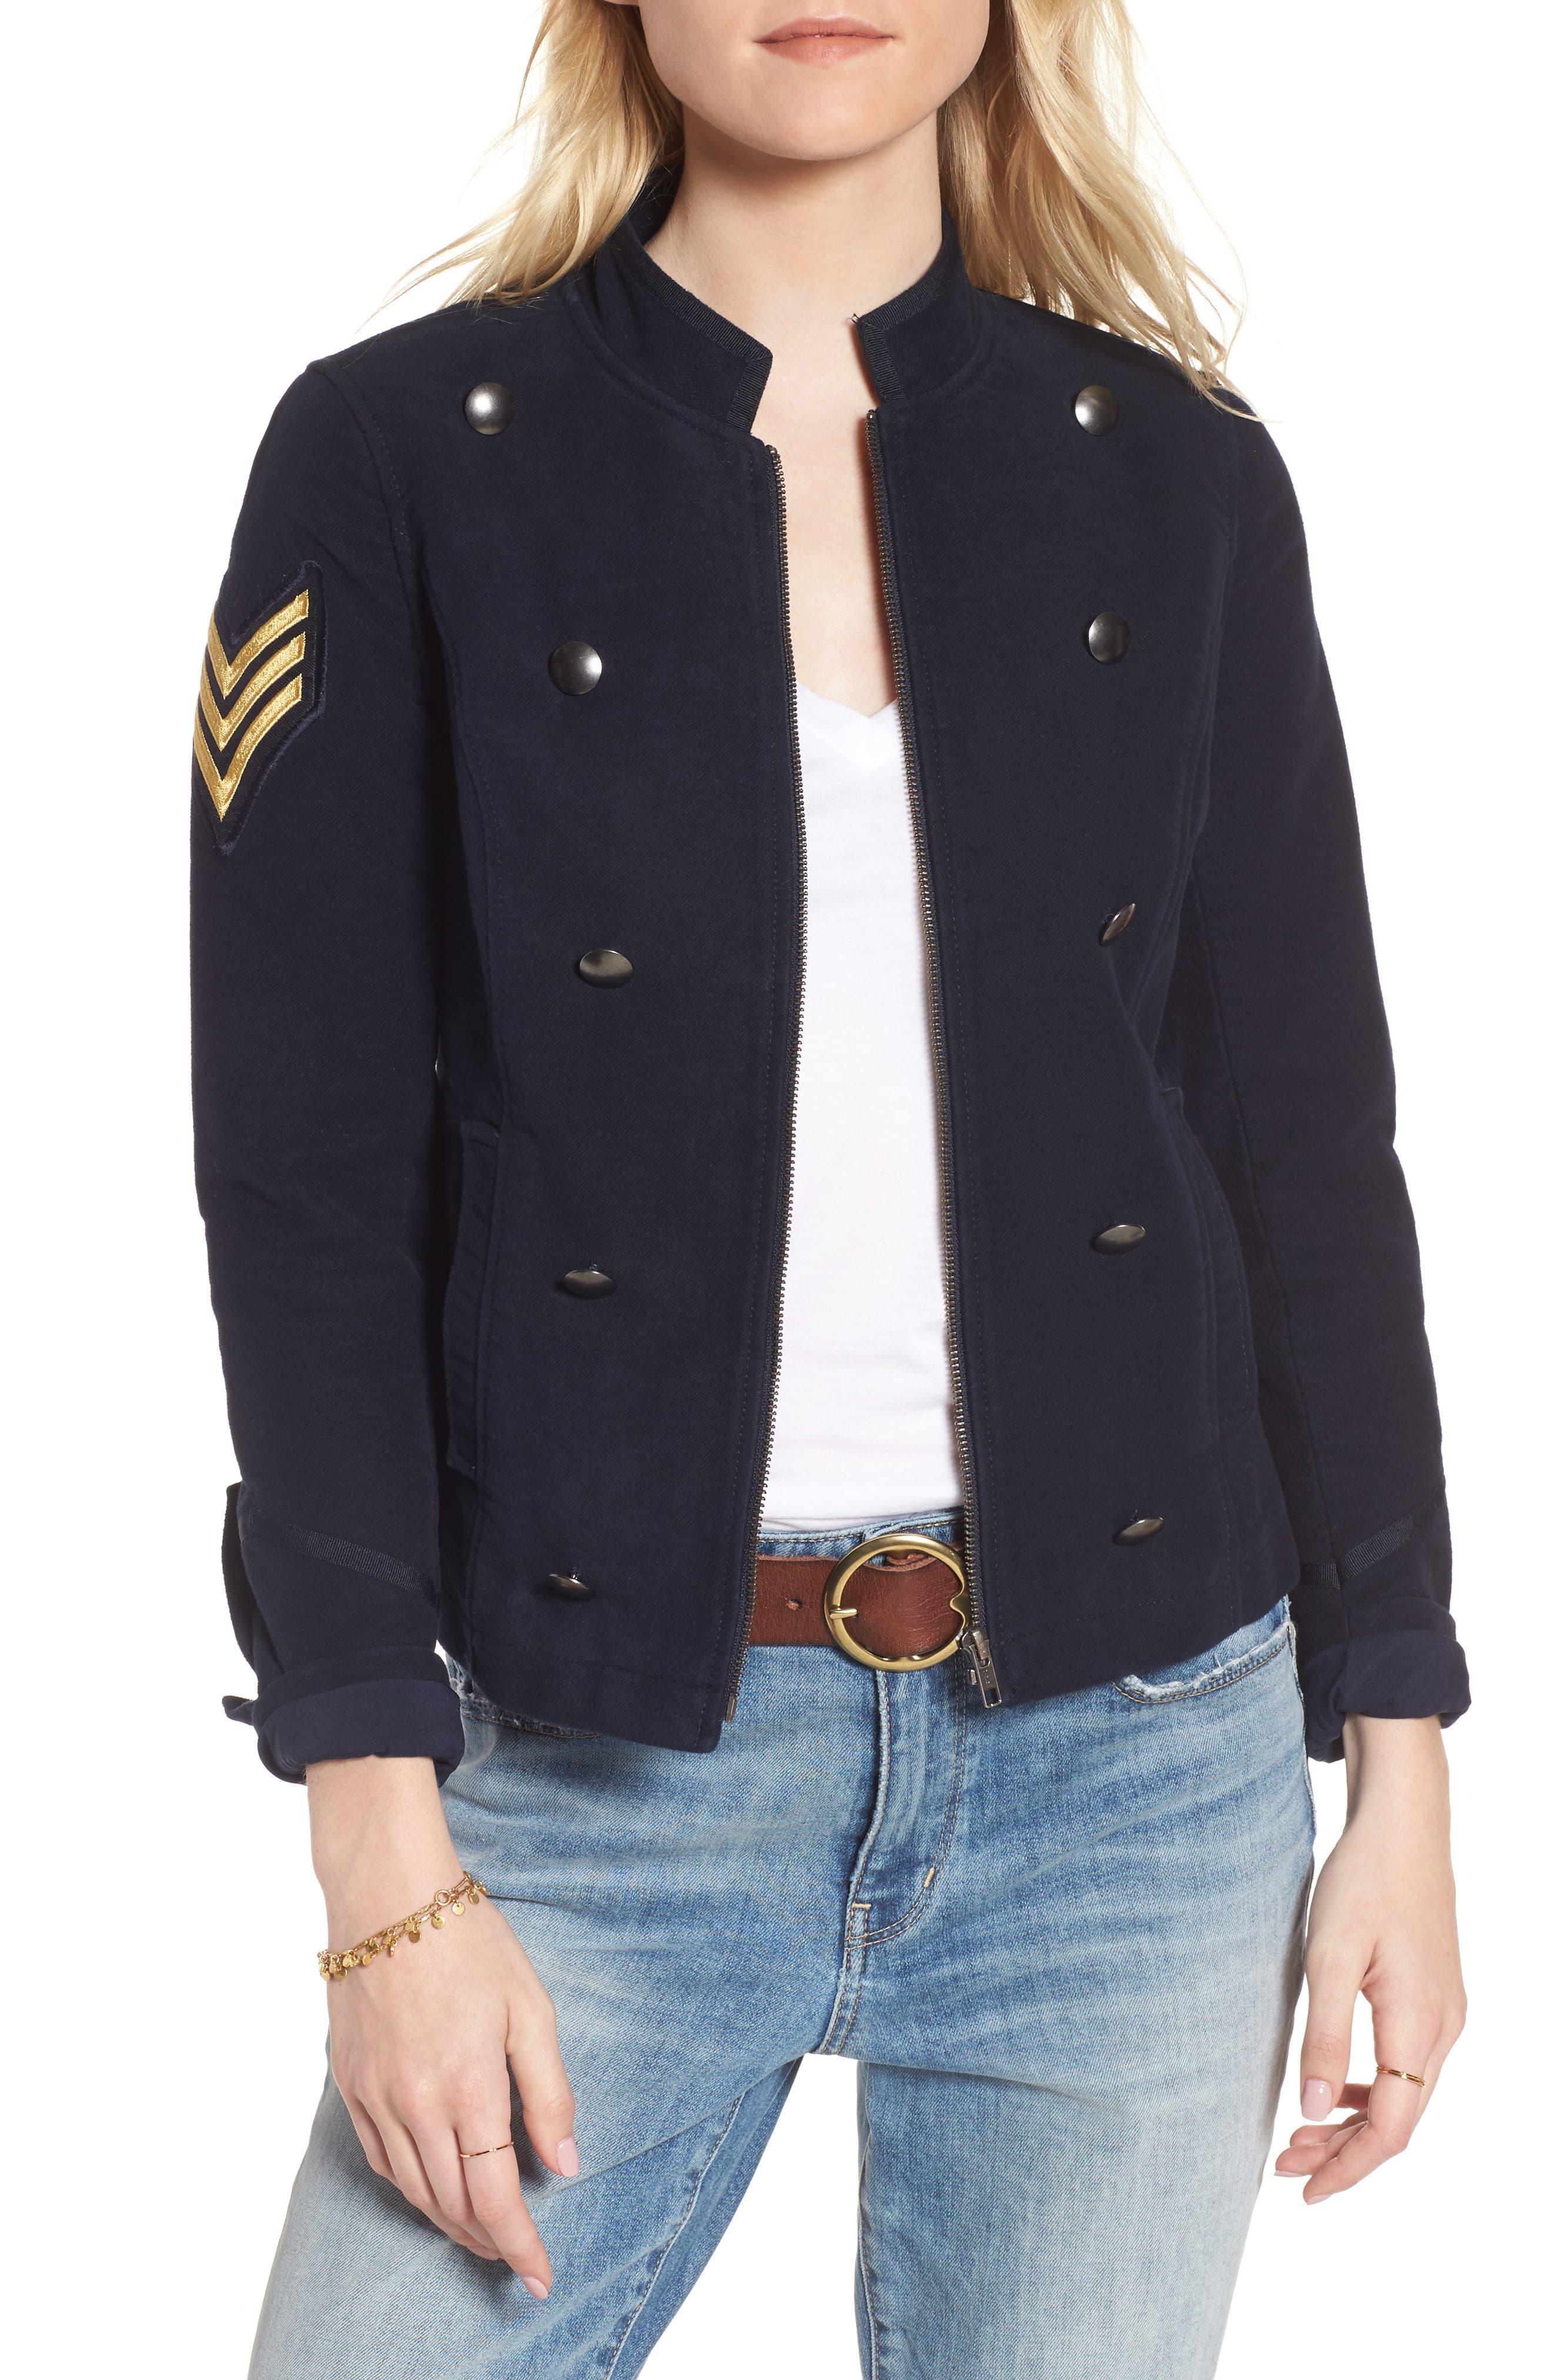 Treasure & Bond Officers Jacket